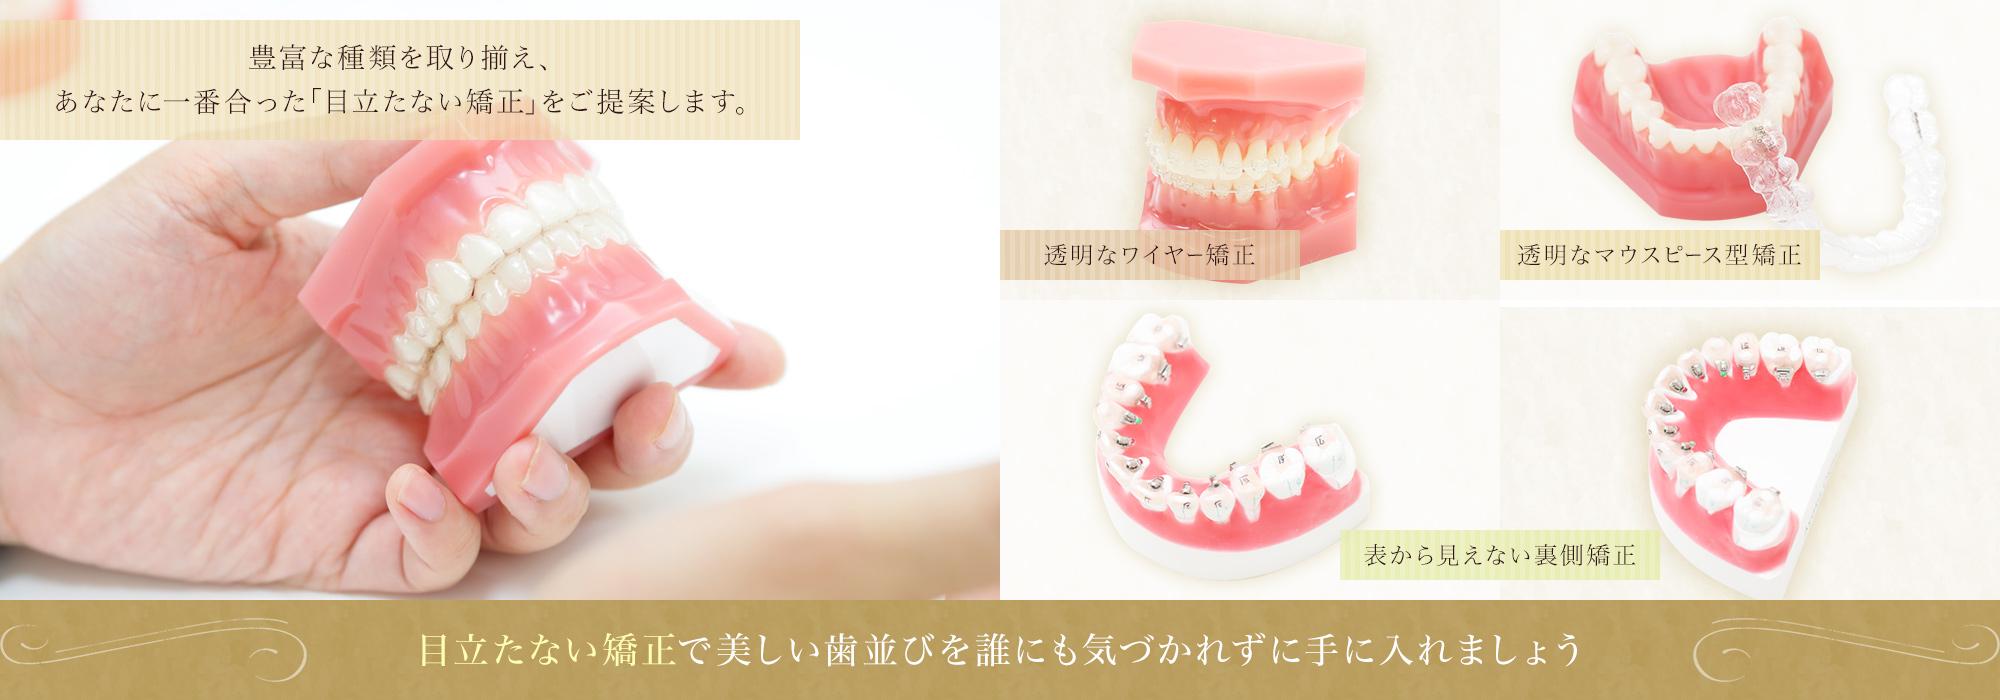 目立たない矯正で美しい歯並びを誰にも気づかれずに手に入れましょう